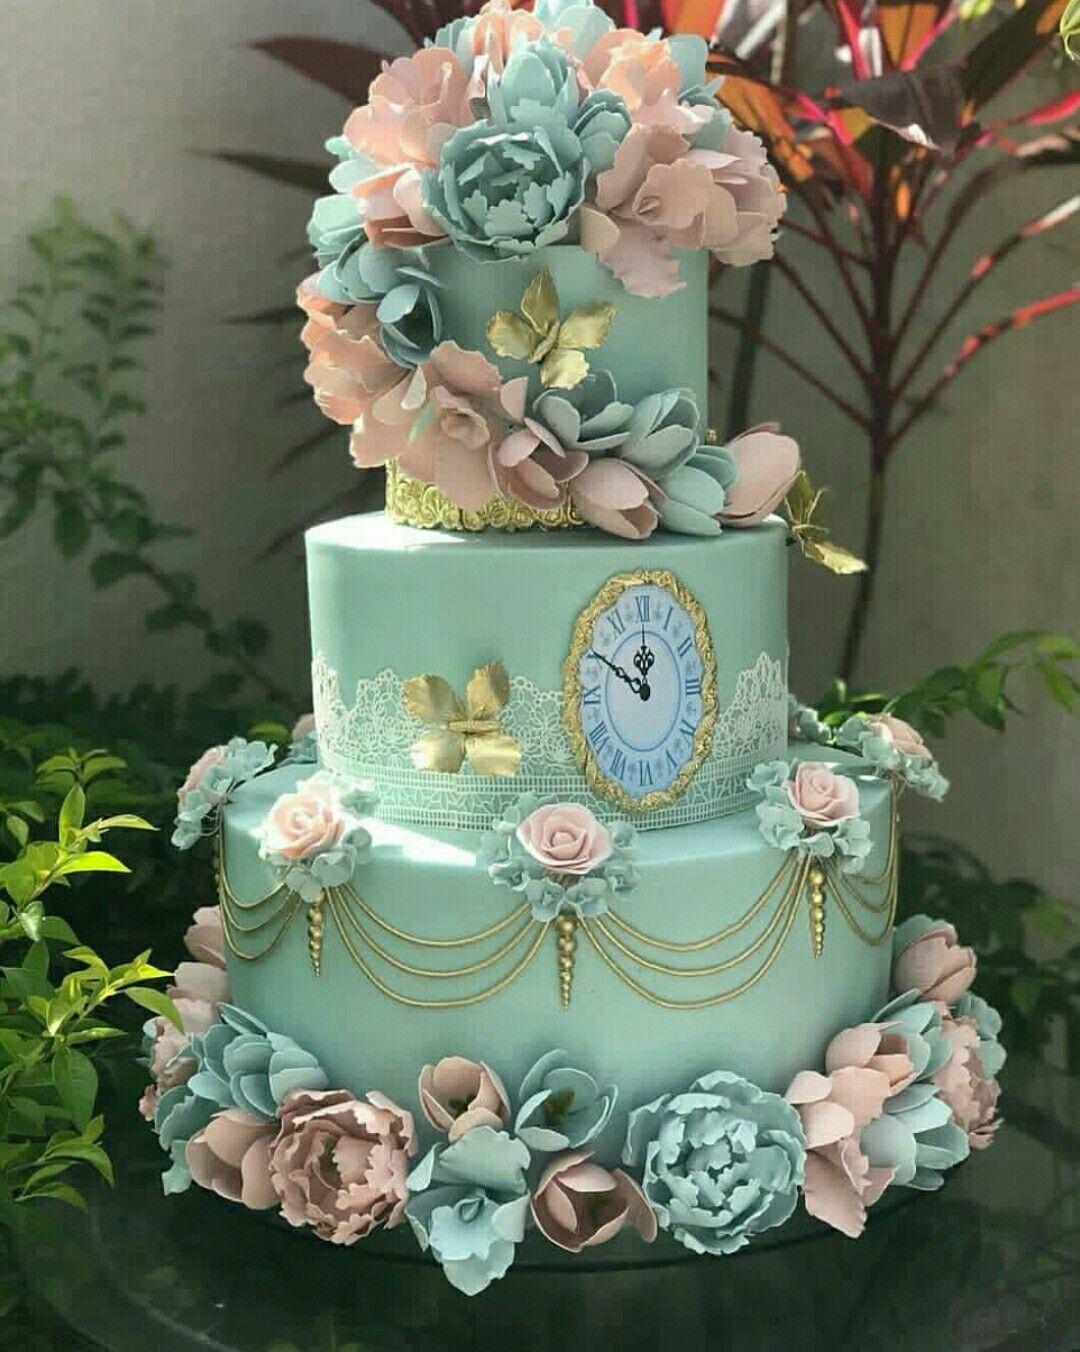 Küchenideen eng vintage cake  kuchen u kleine leckereien  pinterest  kuchen